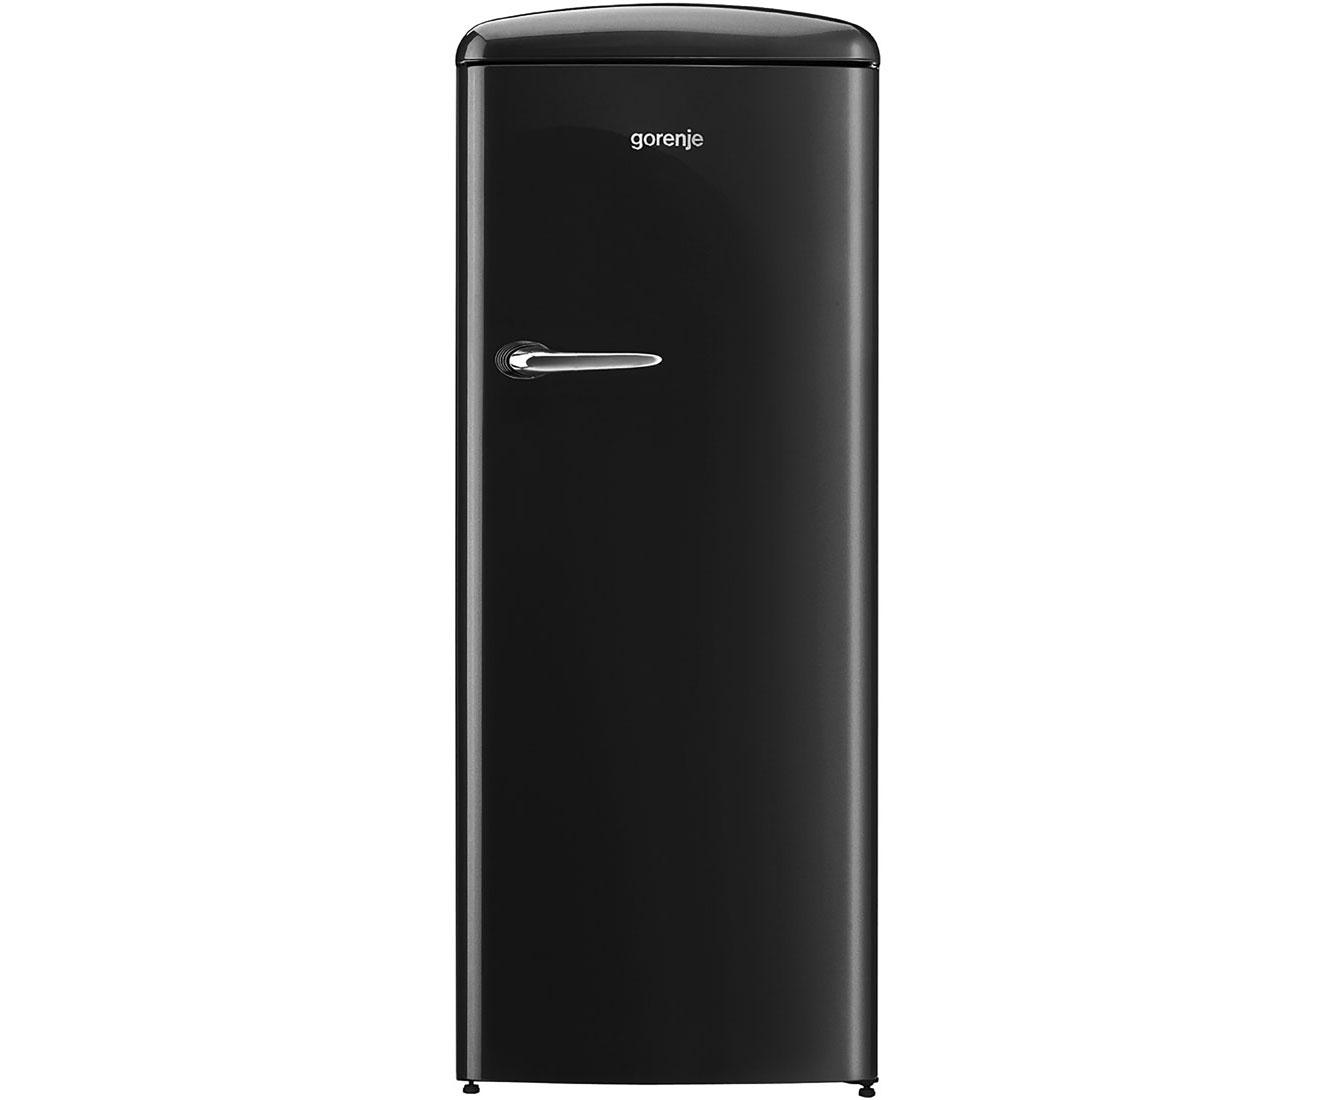 Amica Kühlschrank Mit Gefrierfach Retro : Ergebnisse zu: schwarzem retrokühlschrank.de